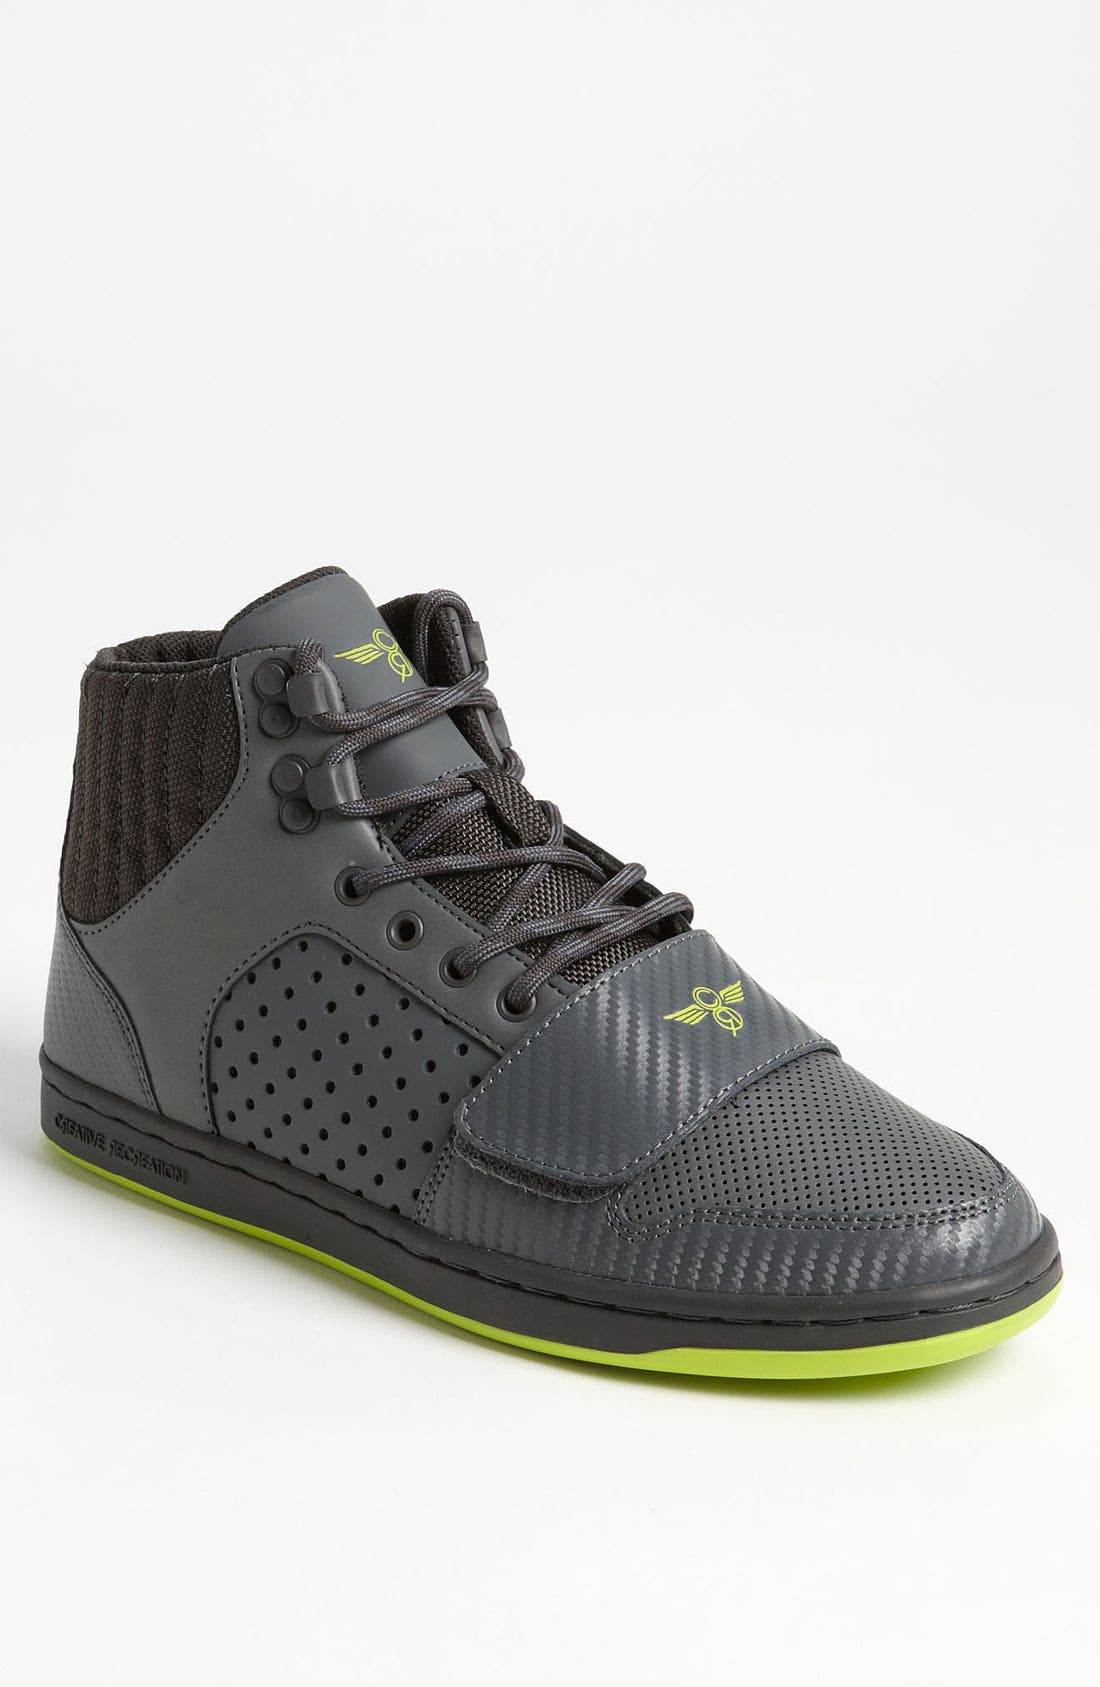 Main Image - Creative Recreation 'Cesario' High Top Sneaker (Men)